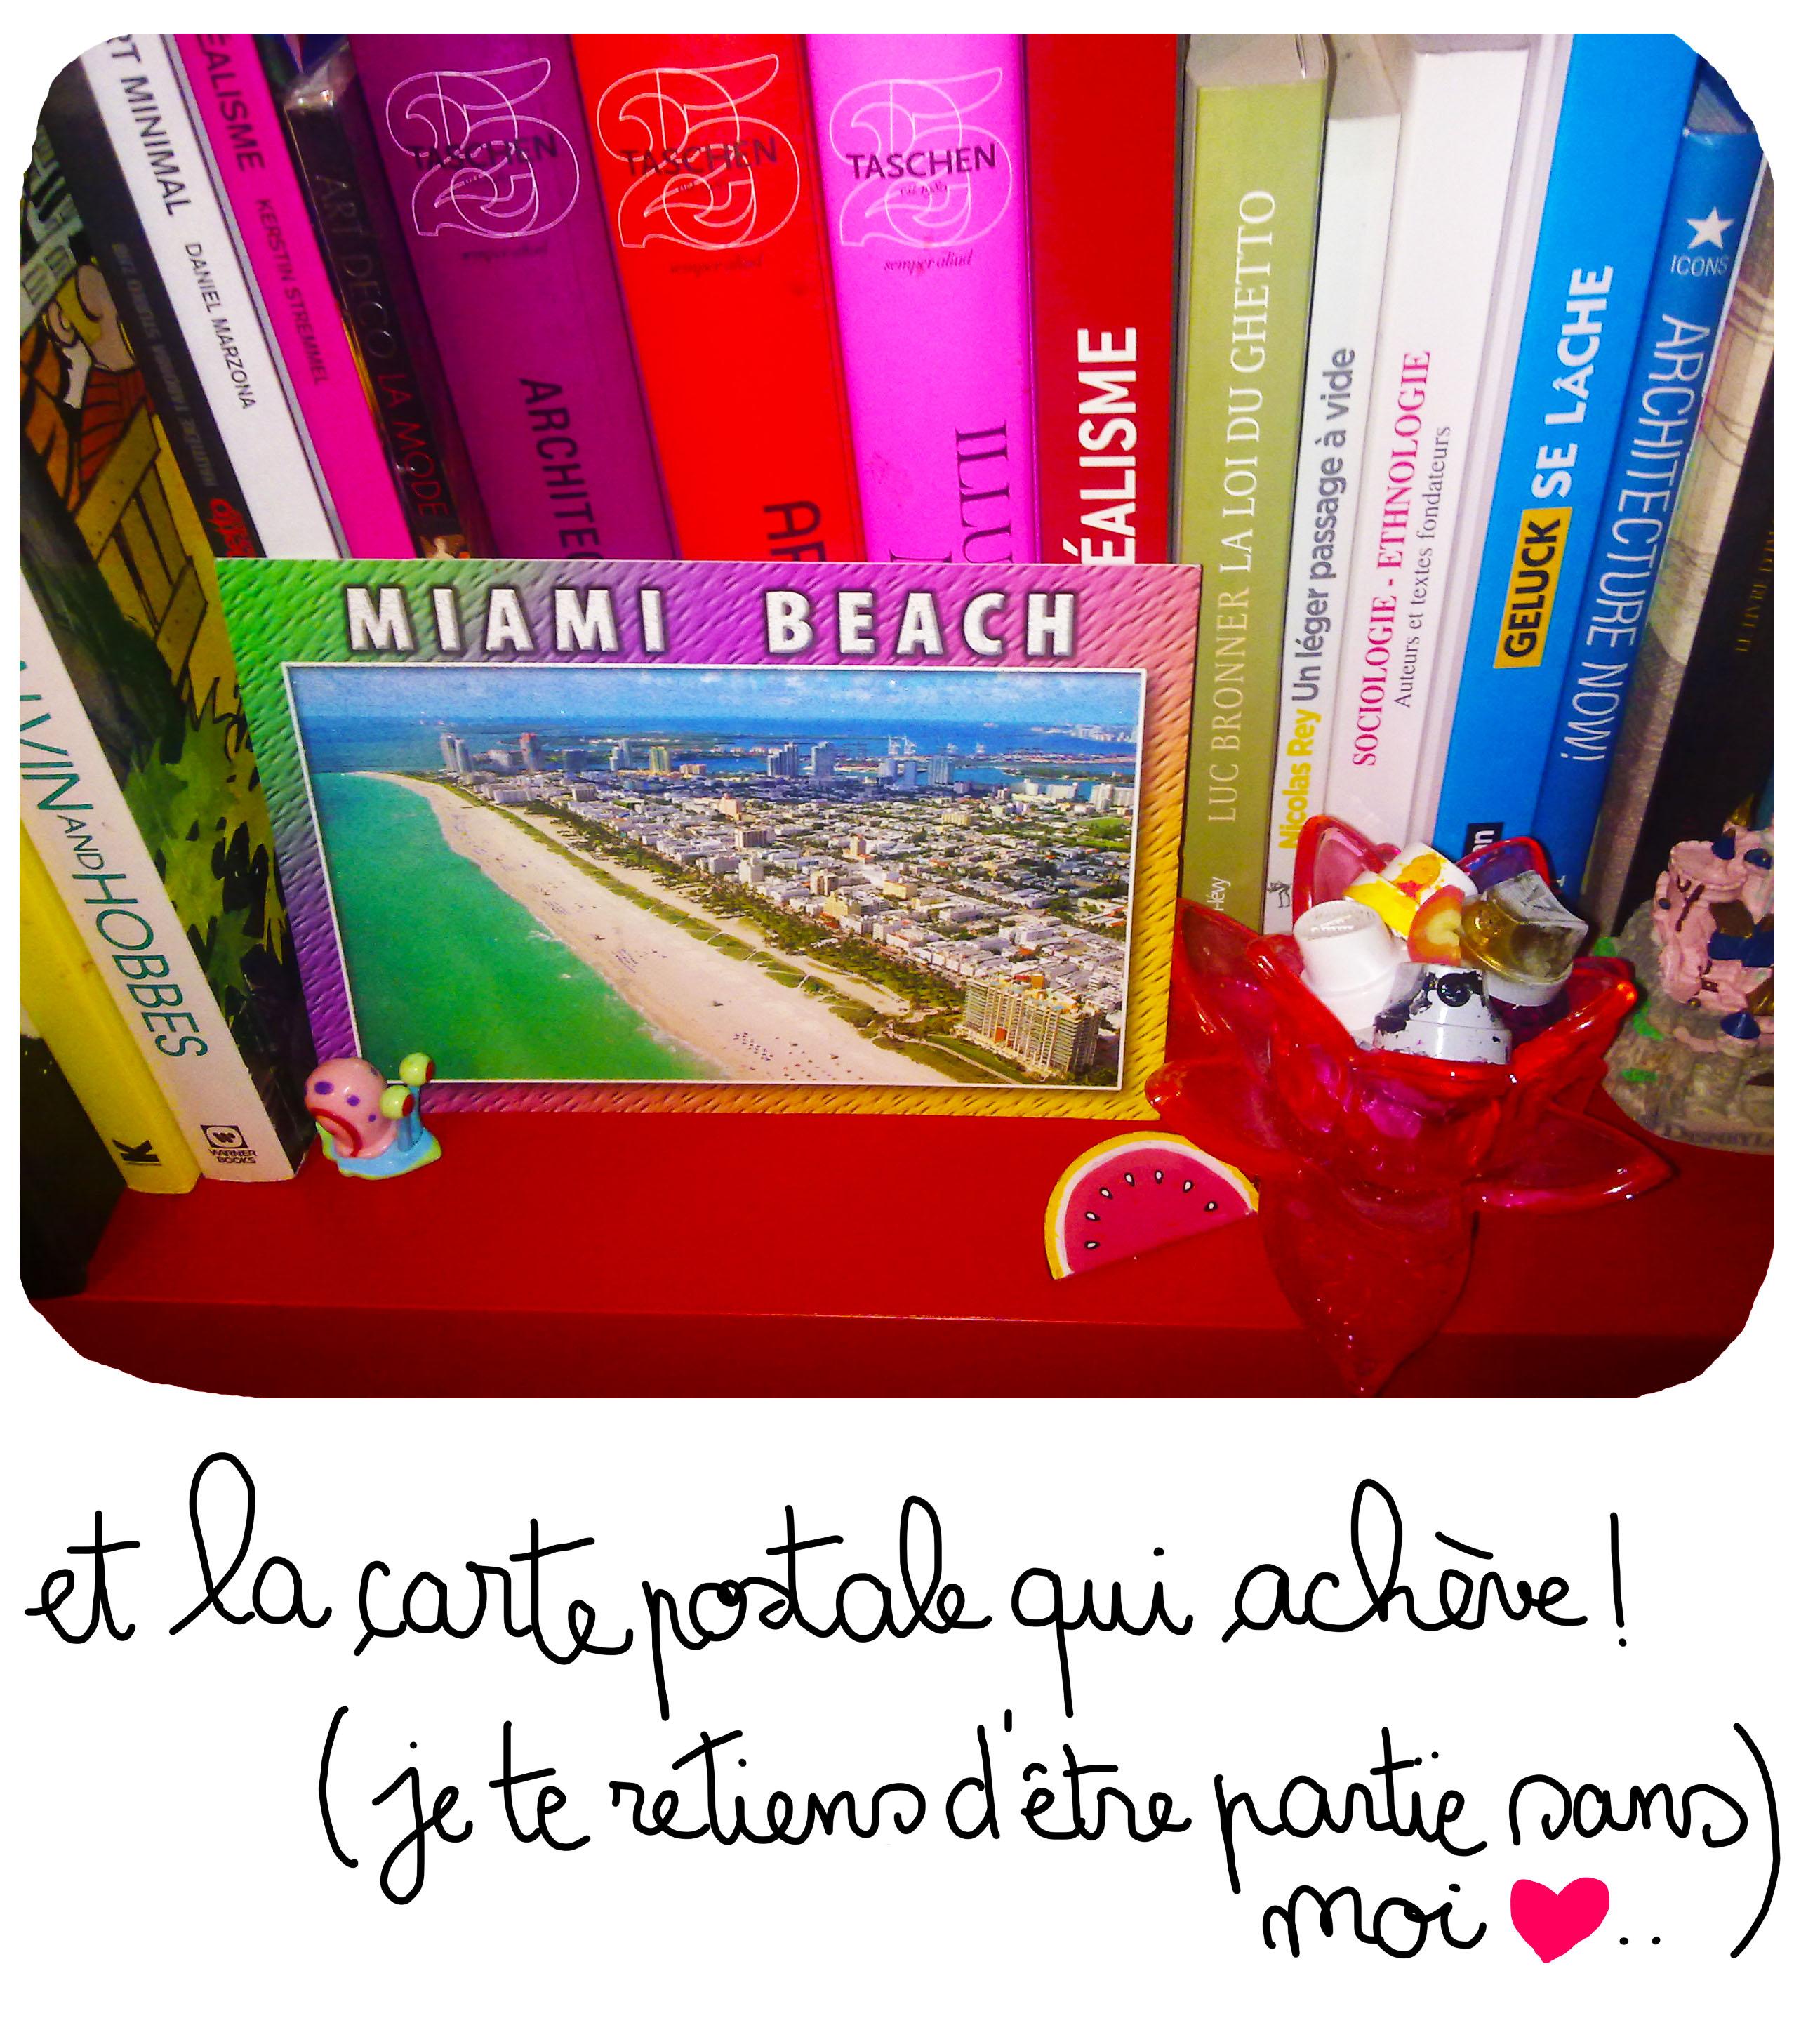 http://getfiles.free.fr/sanaa/miami2.jpg